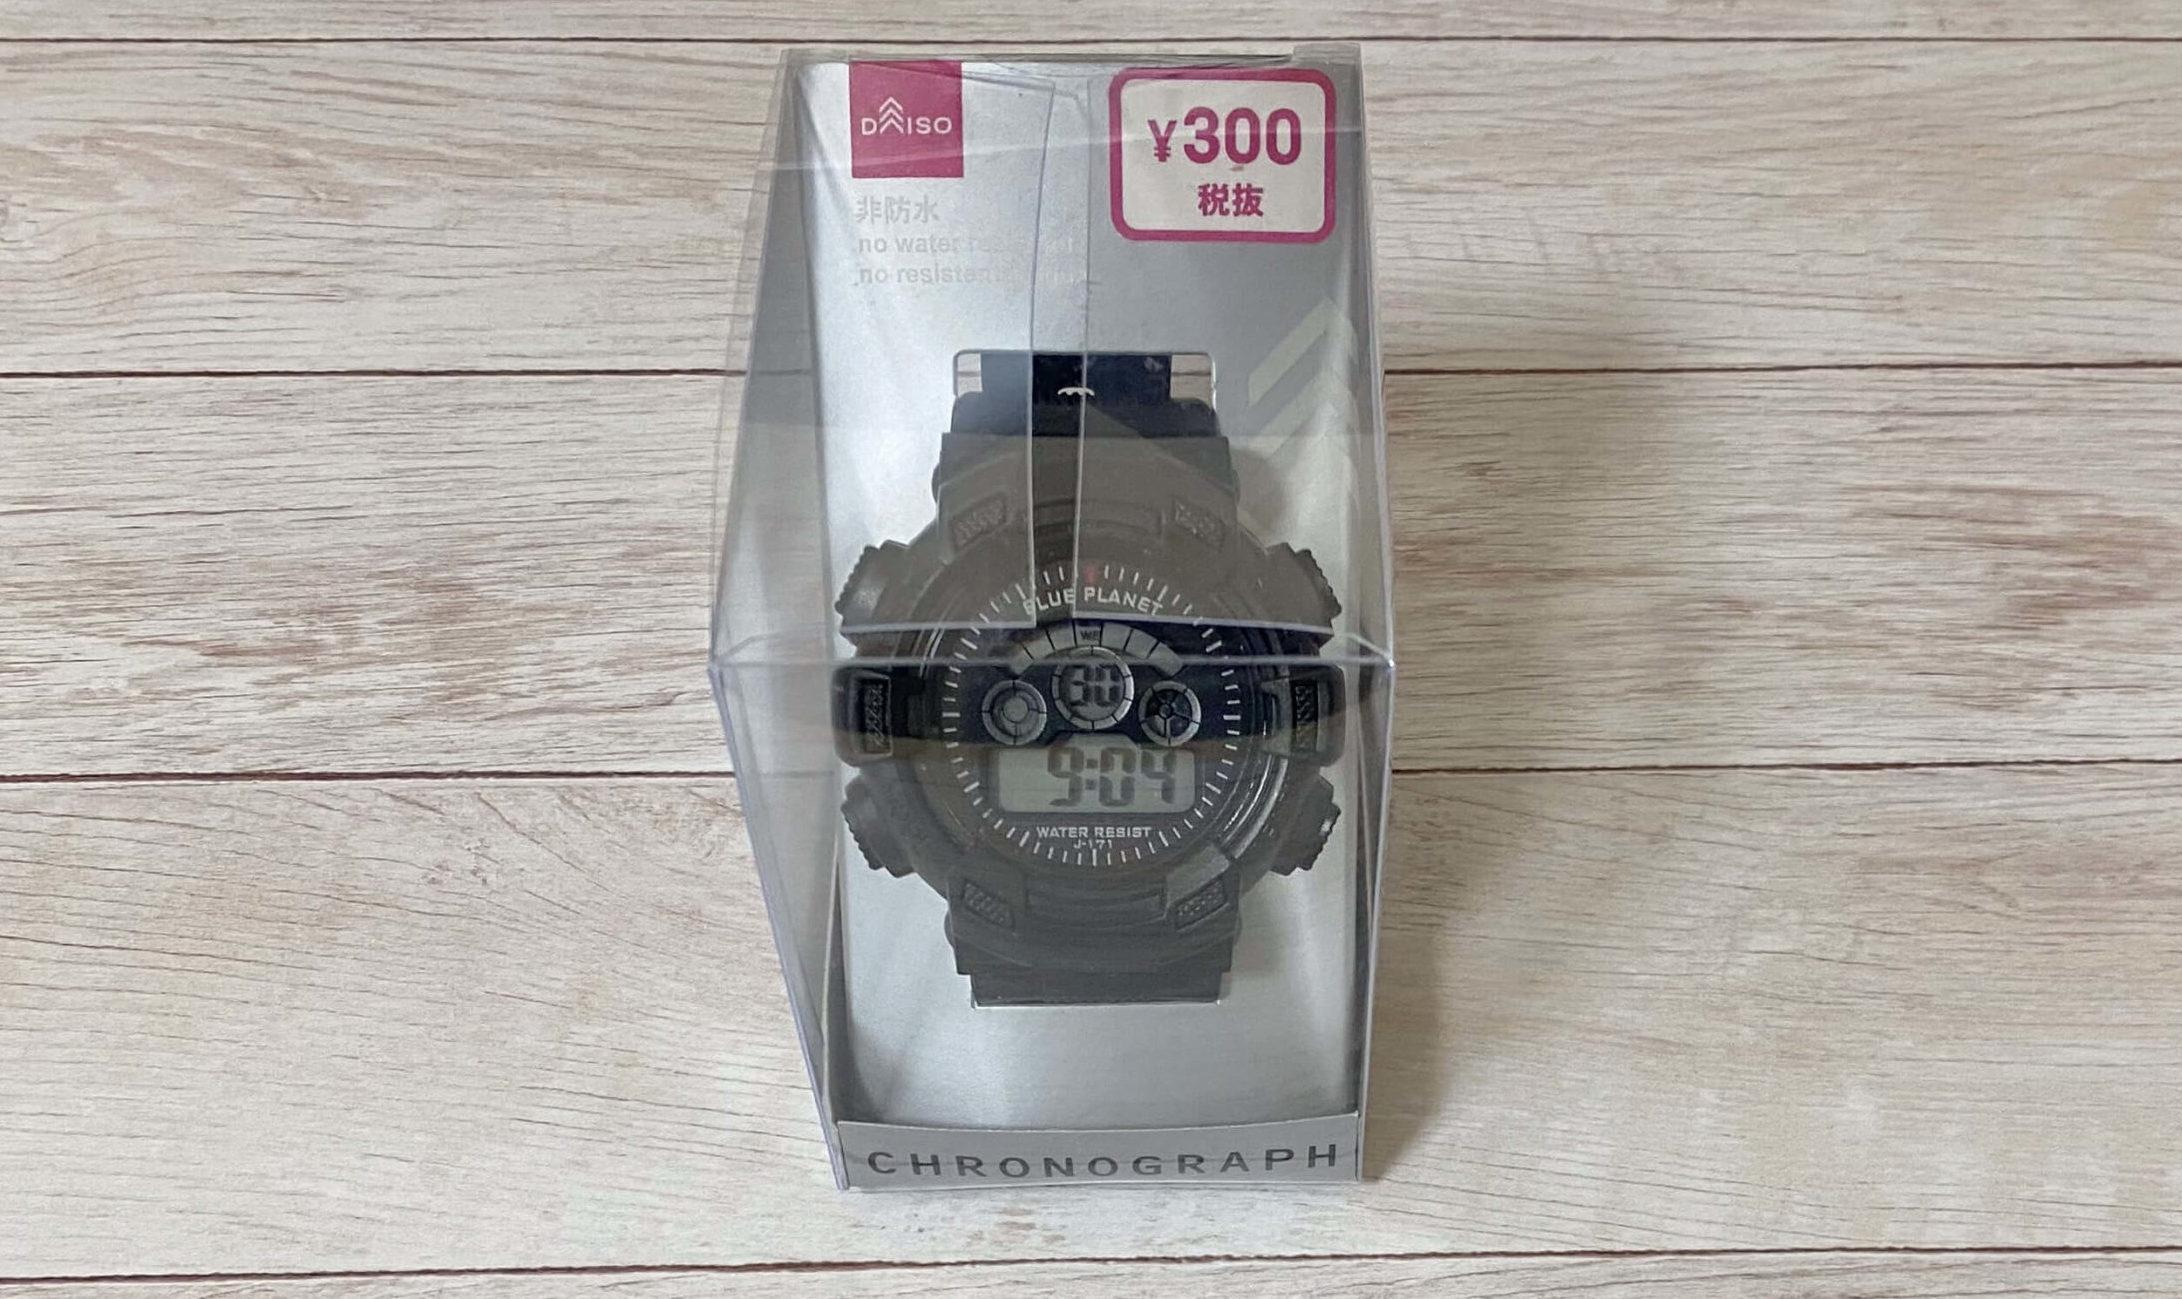 ダイソーの300円腕時計デジタルタイプ